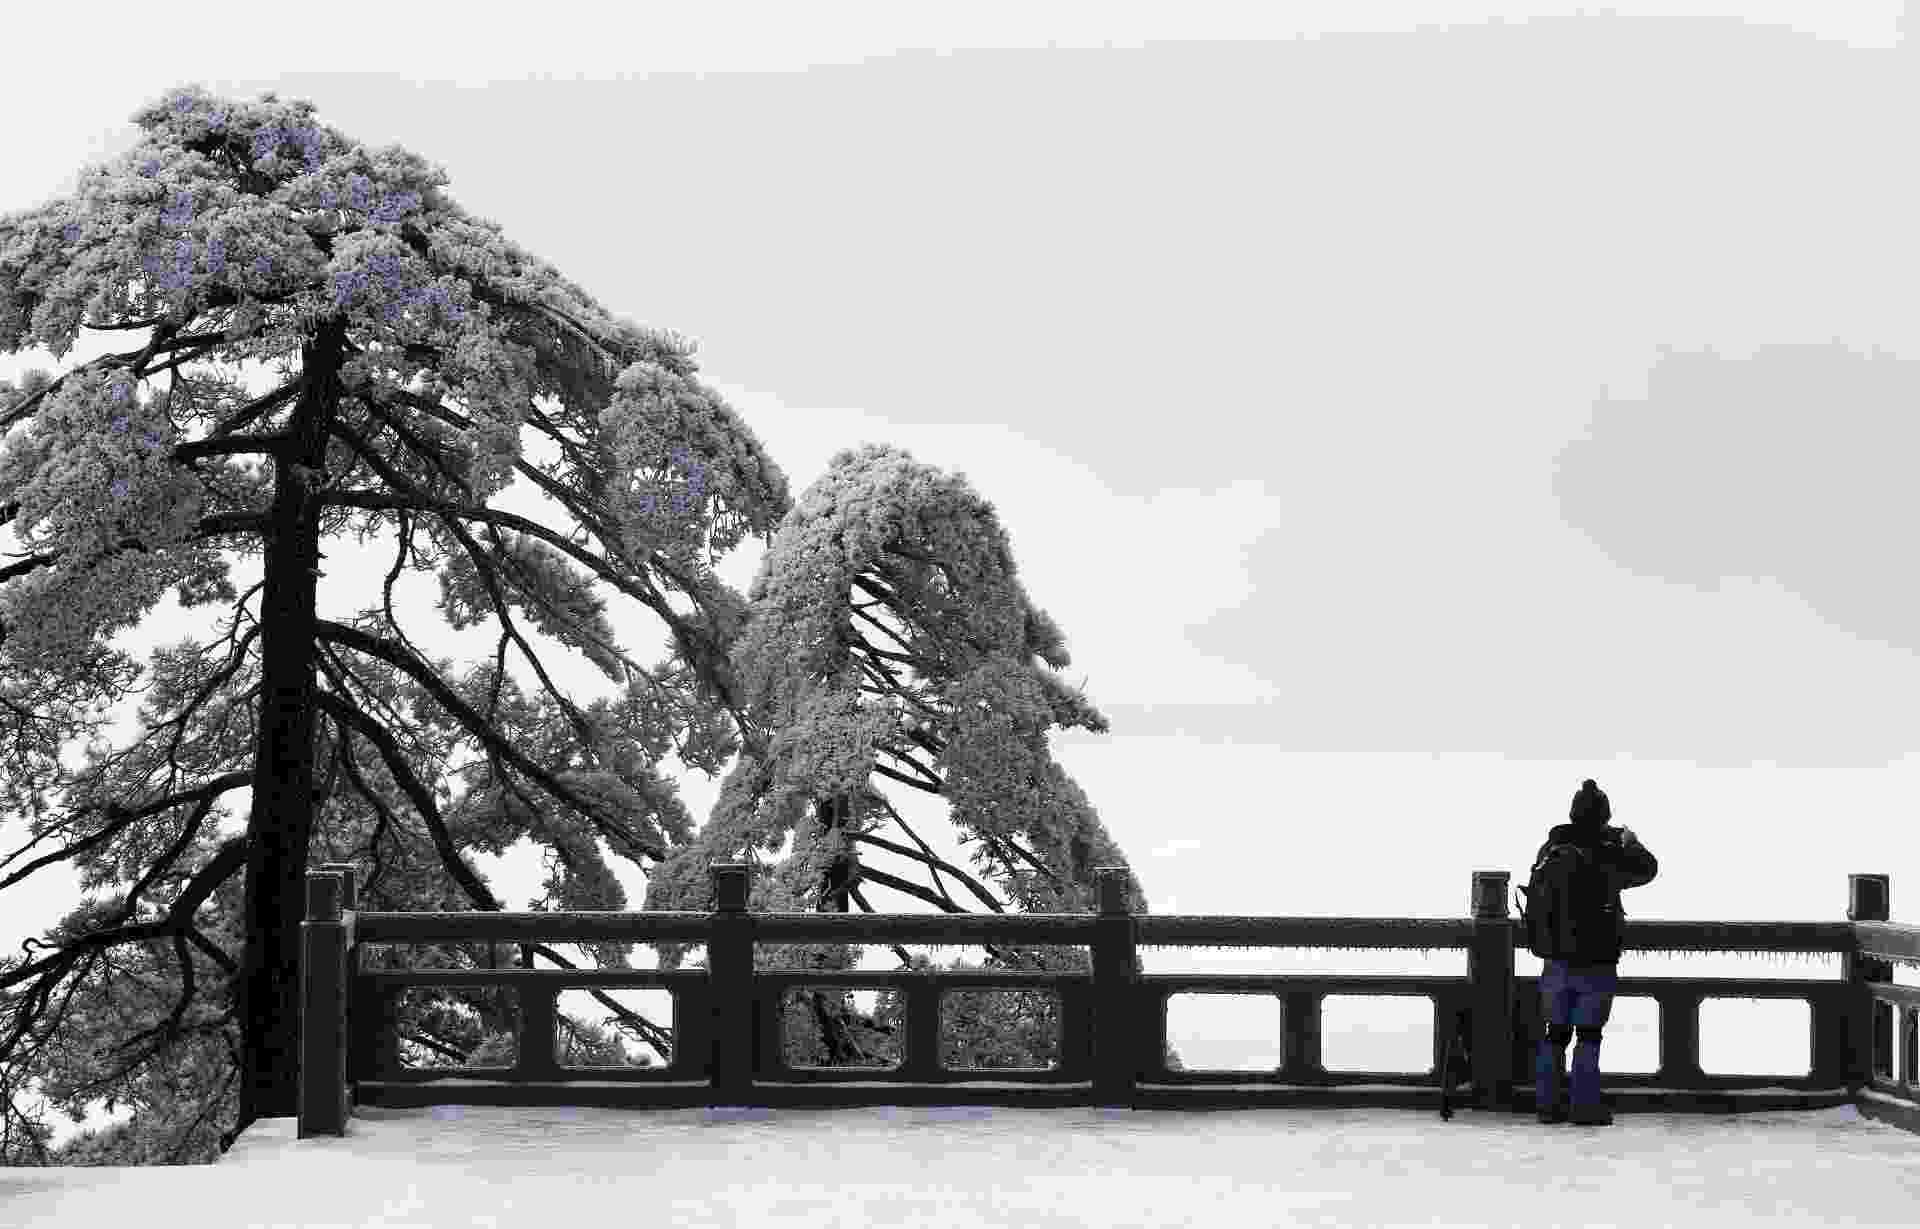 8.abr.2015 - Vista do Monte Huangshan, na cidade de Huangshan, situada na província de Anhui, na China - undefined